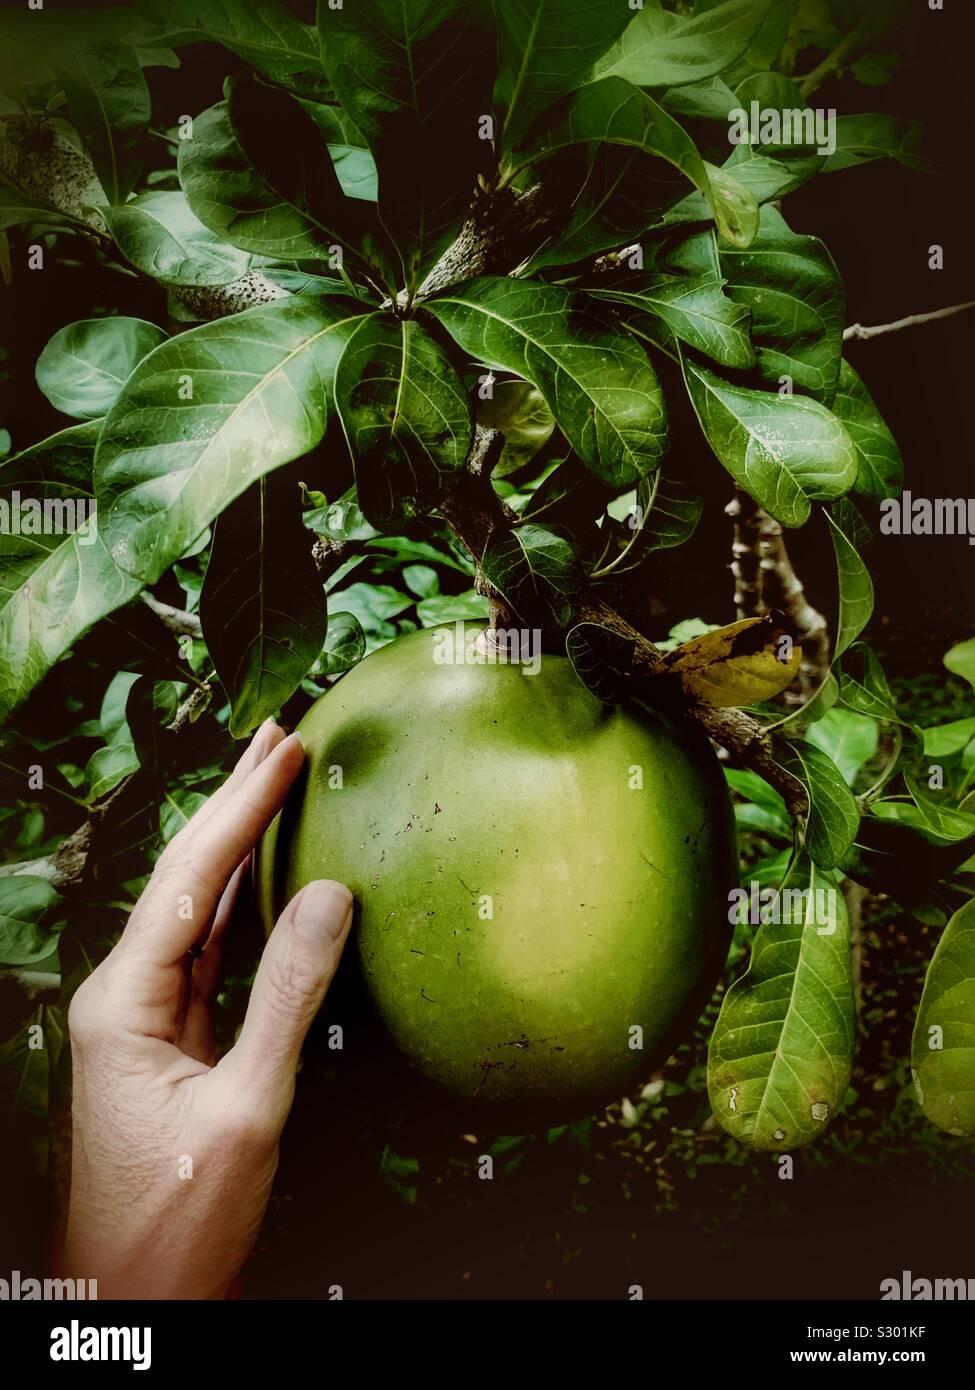 A woman's main touche l'extérieur du fruit poussant sur un arbre Jícara. C'est un arbre sacré des Mayas. La coquille dure du fruit sont souvent utilisés comme boire ou servir. Banque D'Images